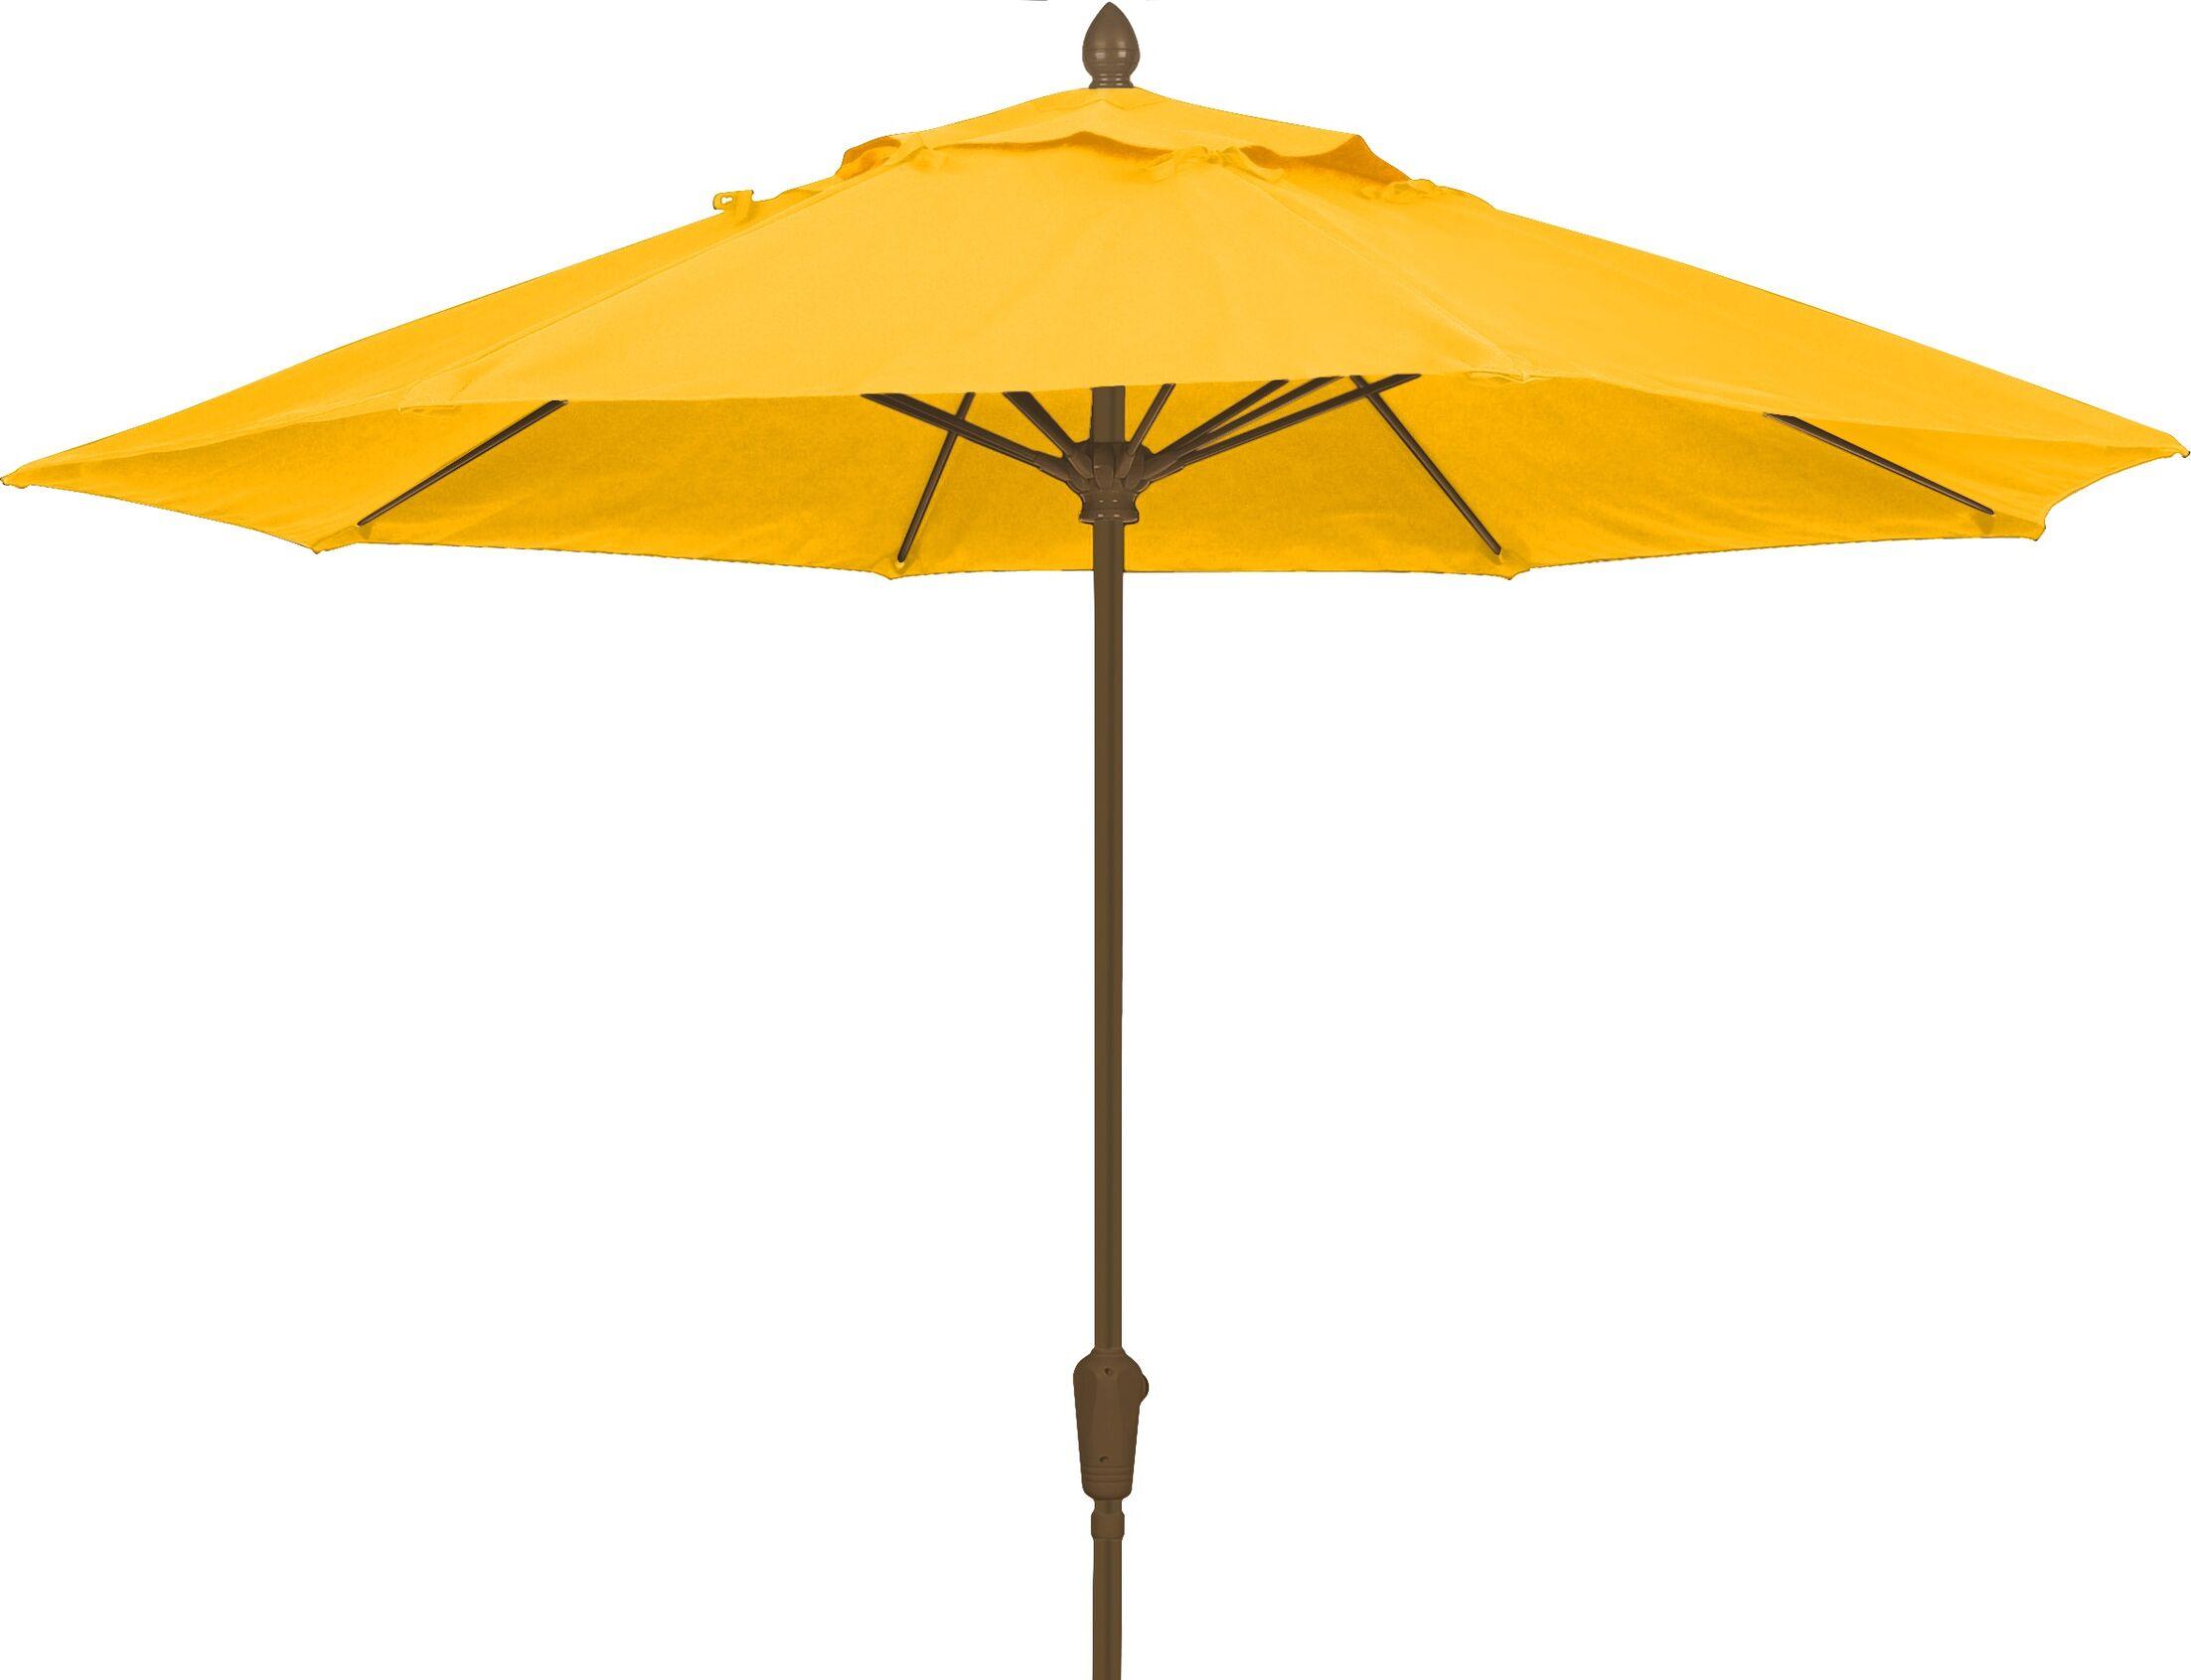 Prestige 7.5' Market Umbrella Frame Finish: White, Fabric: Buttercup